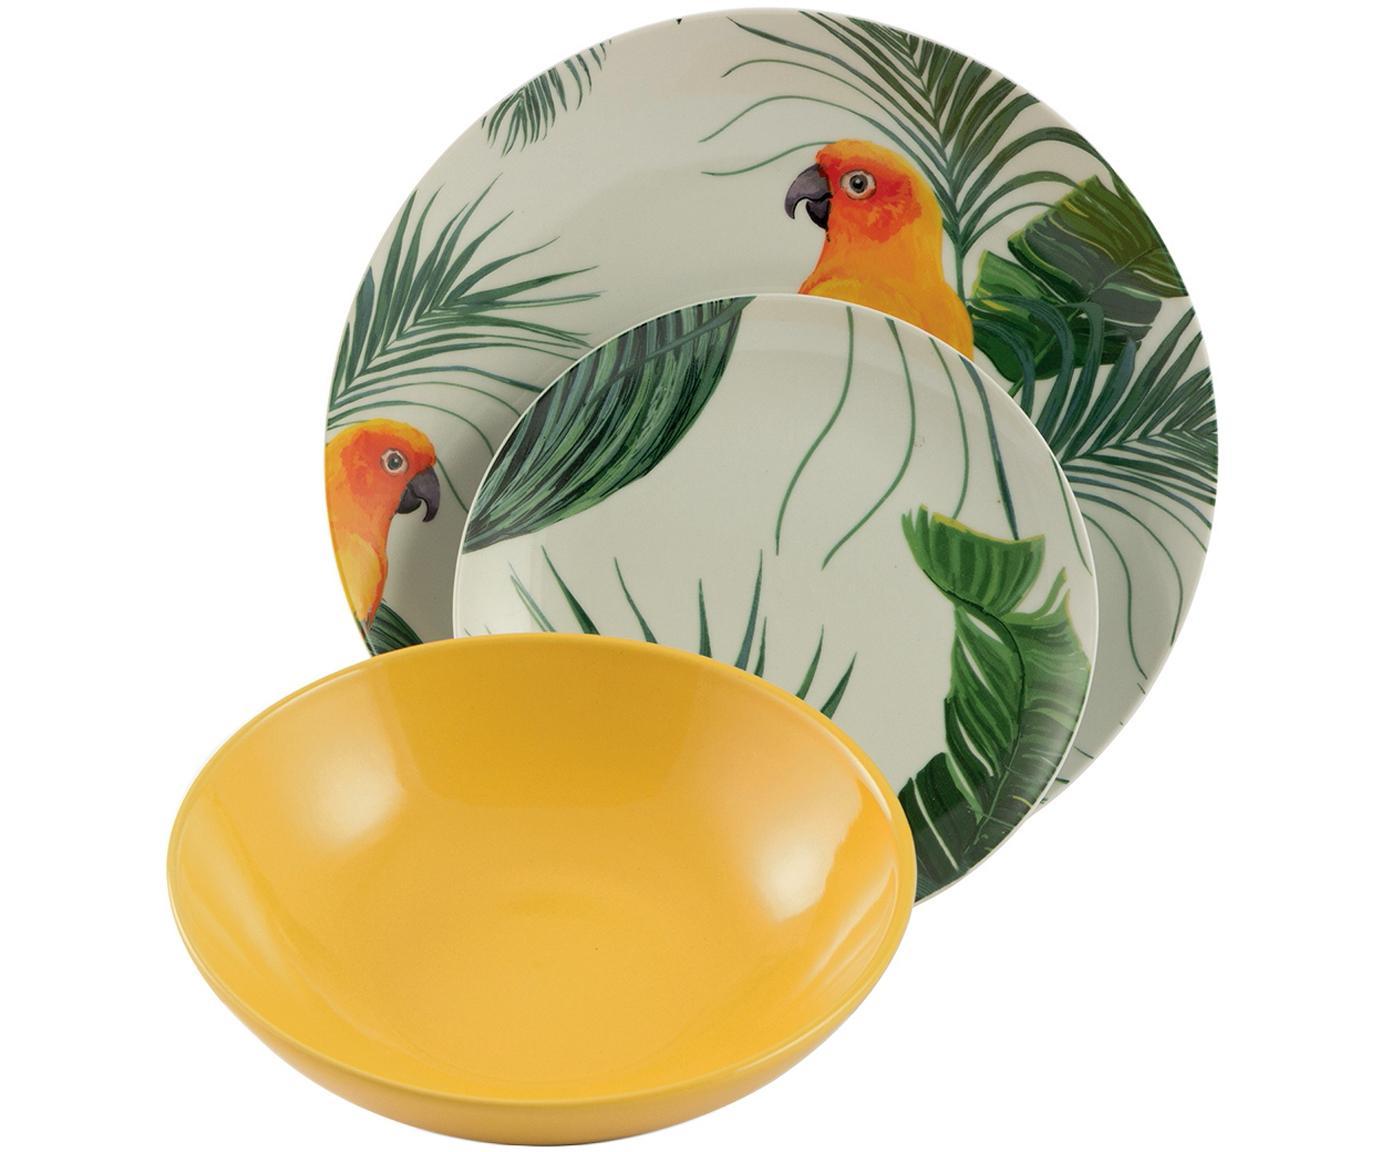 Komplet naczyń  Parrot Jungle, 18 elem., Porcelana, Wielobarwny, Różne rozmiary